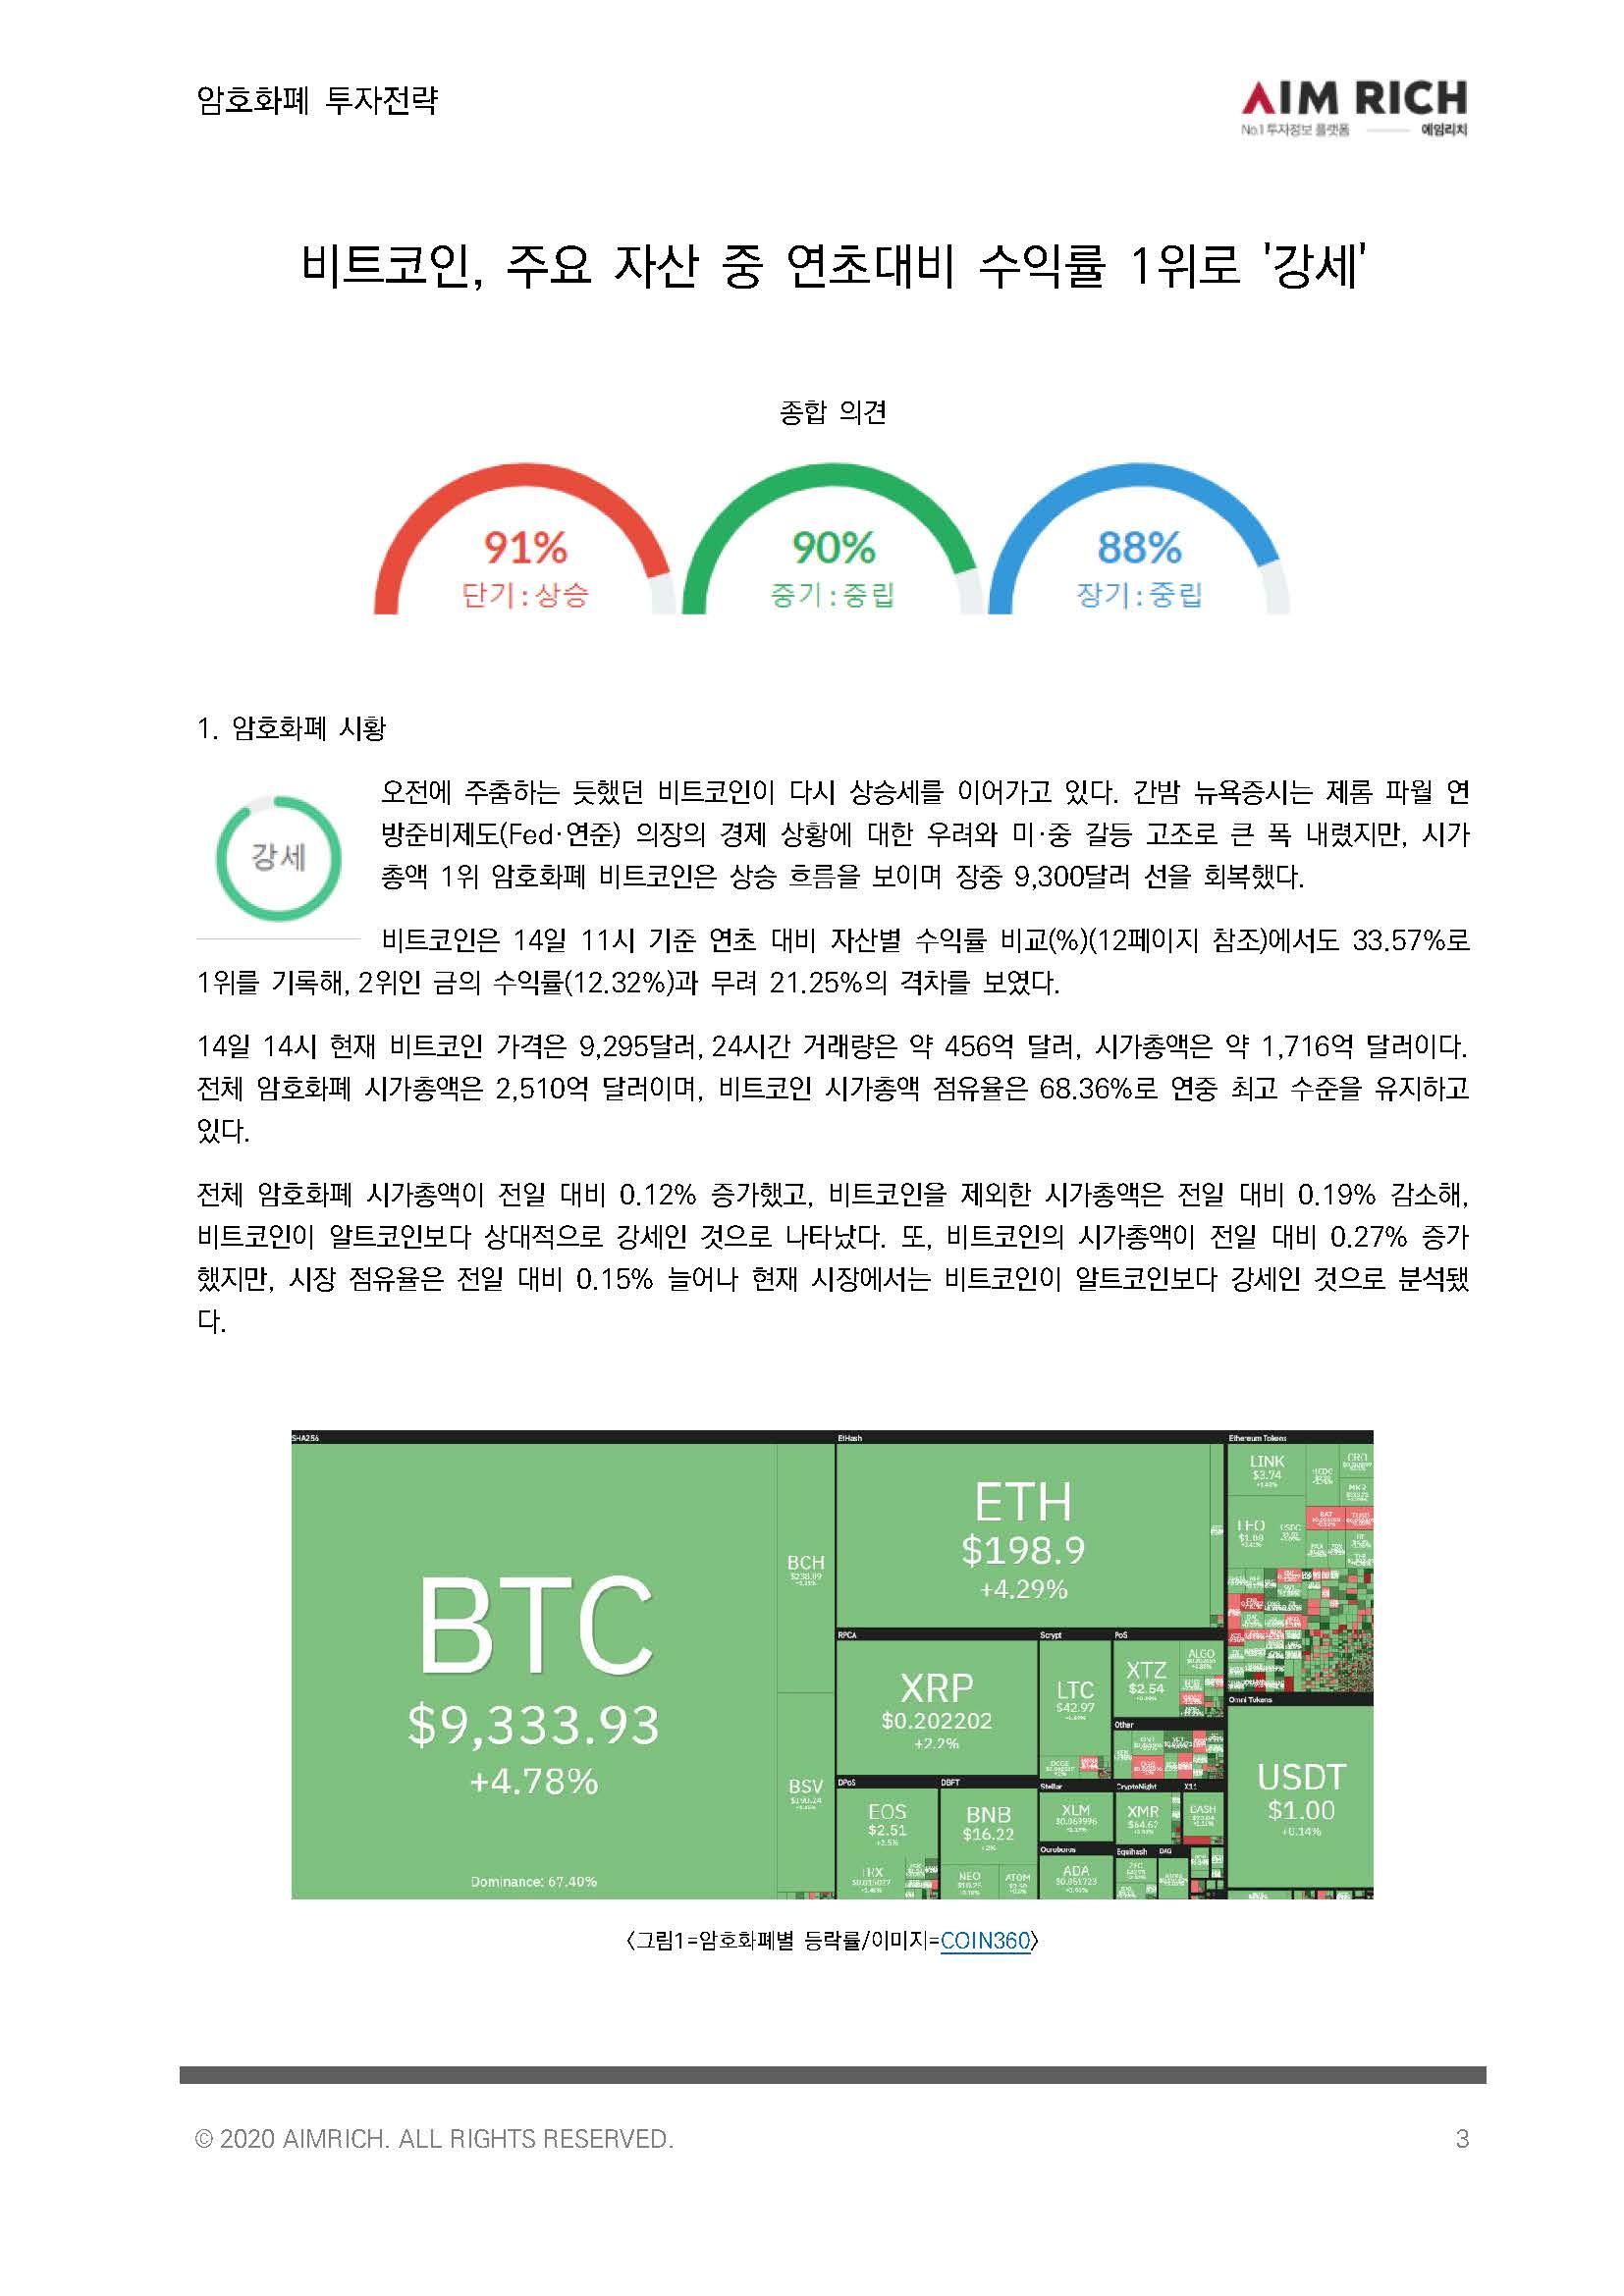 [투자전략]비트코인, 주요 자산 중 연초대비 수익률 1위로 '강세'_20200514_페이지_03.jpg